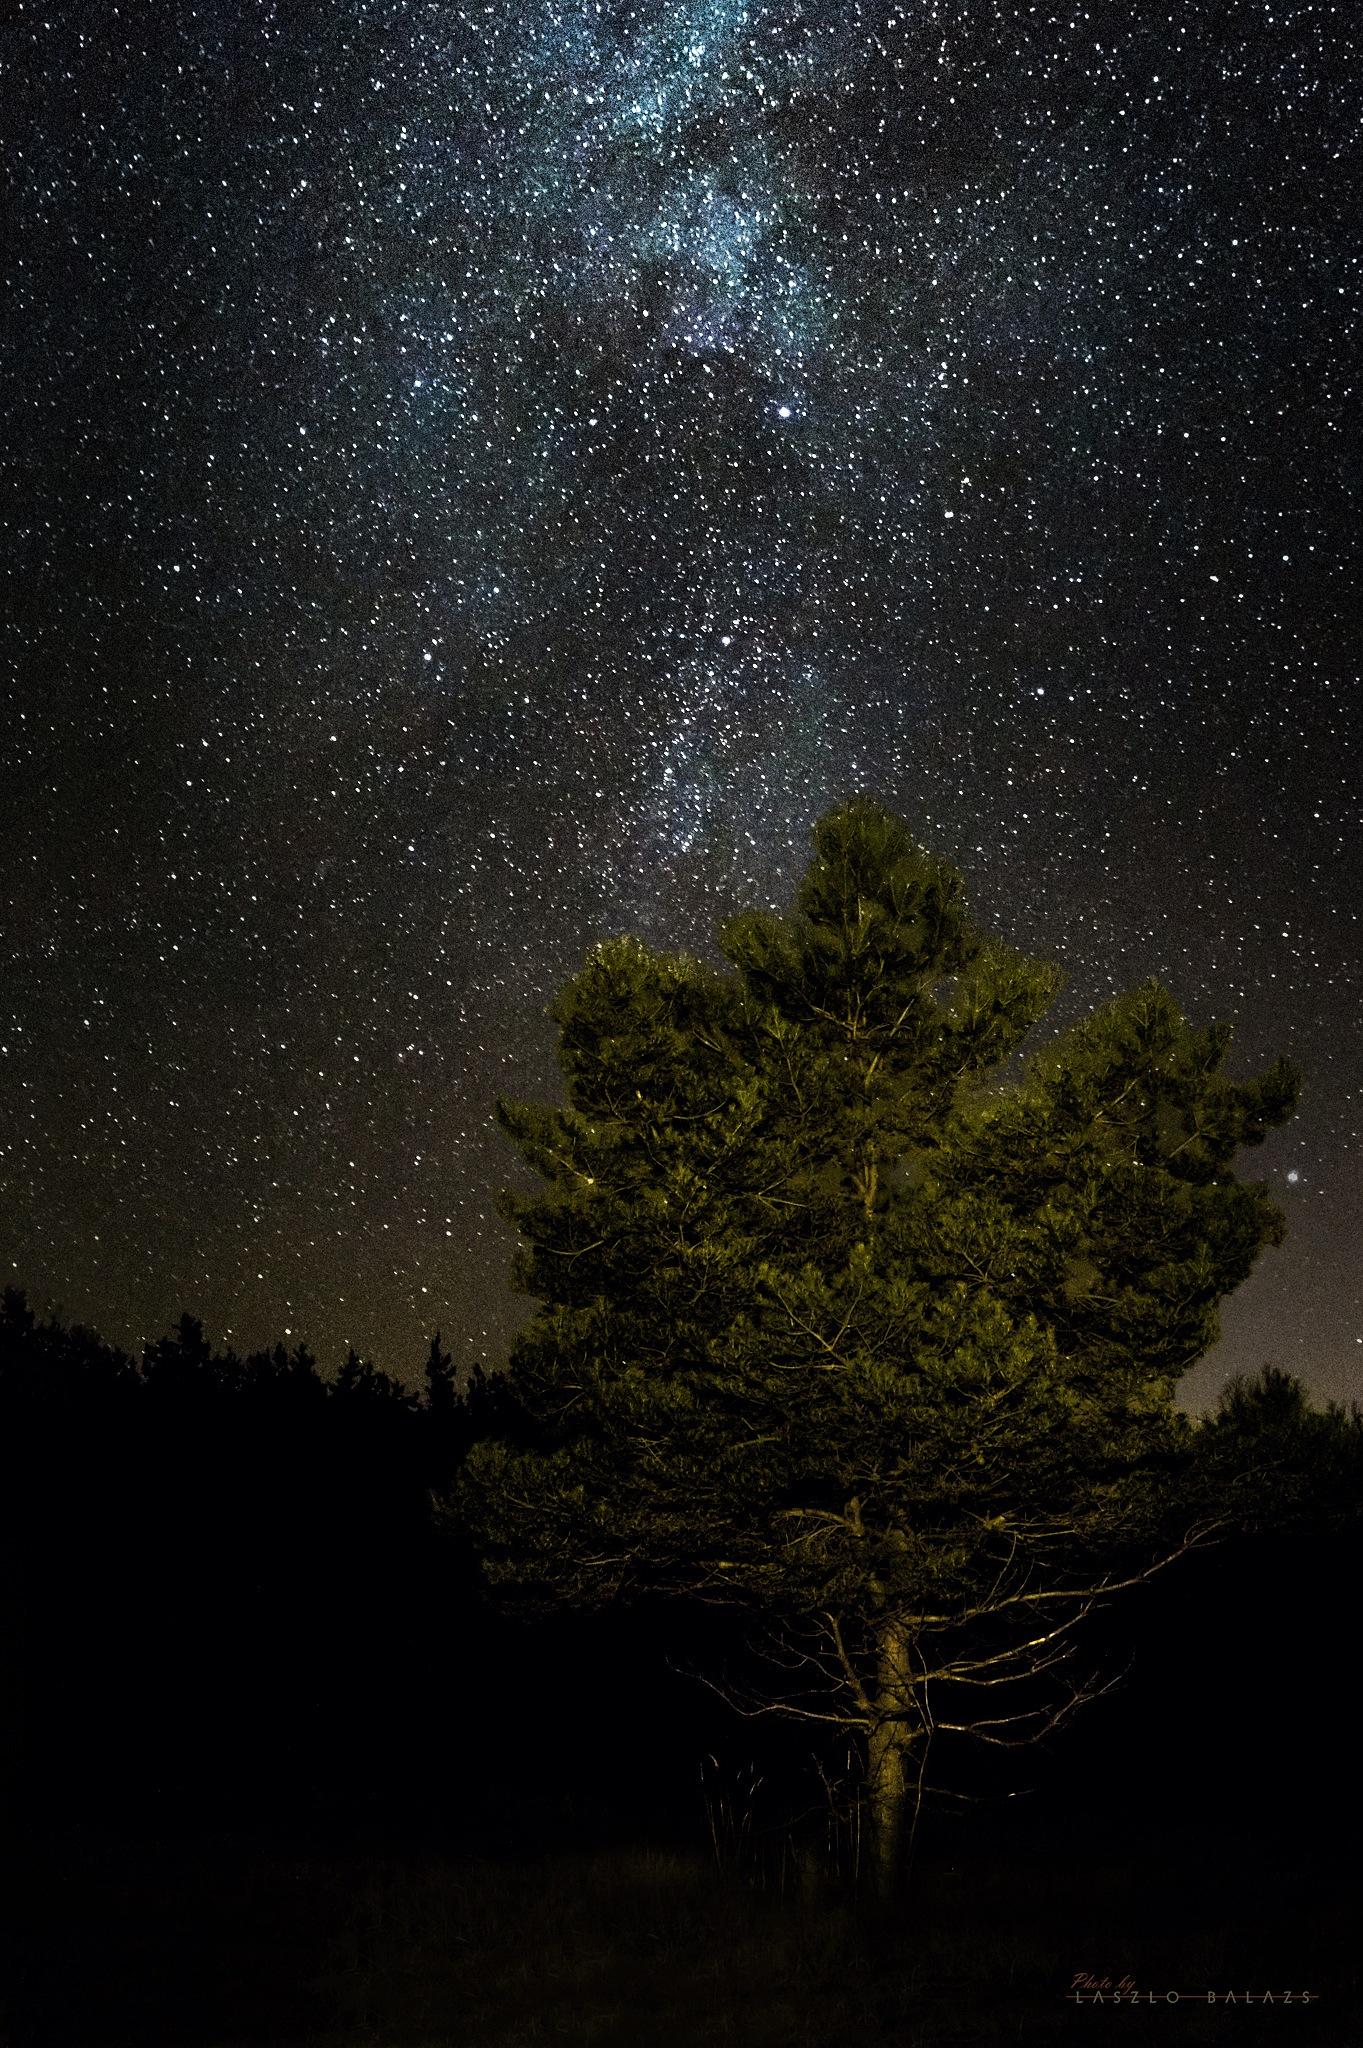 A piece of Milky Way by Laszlo Balazs